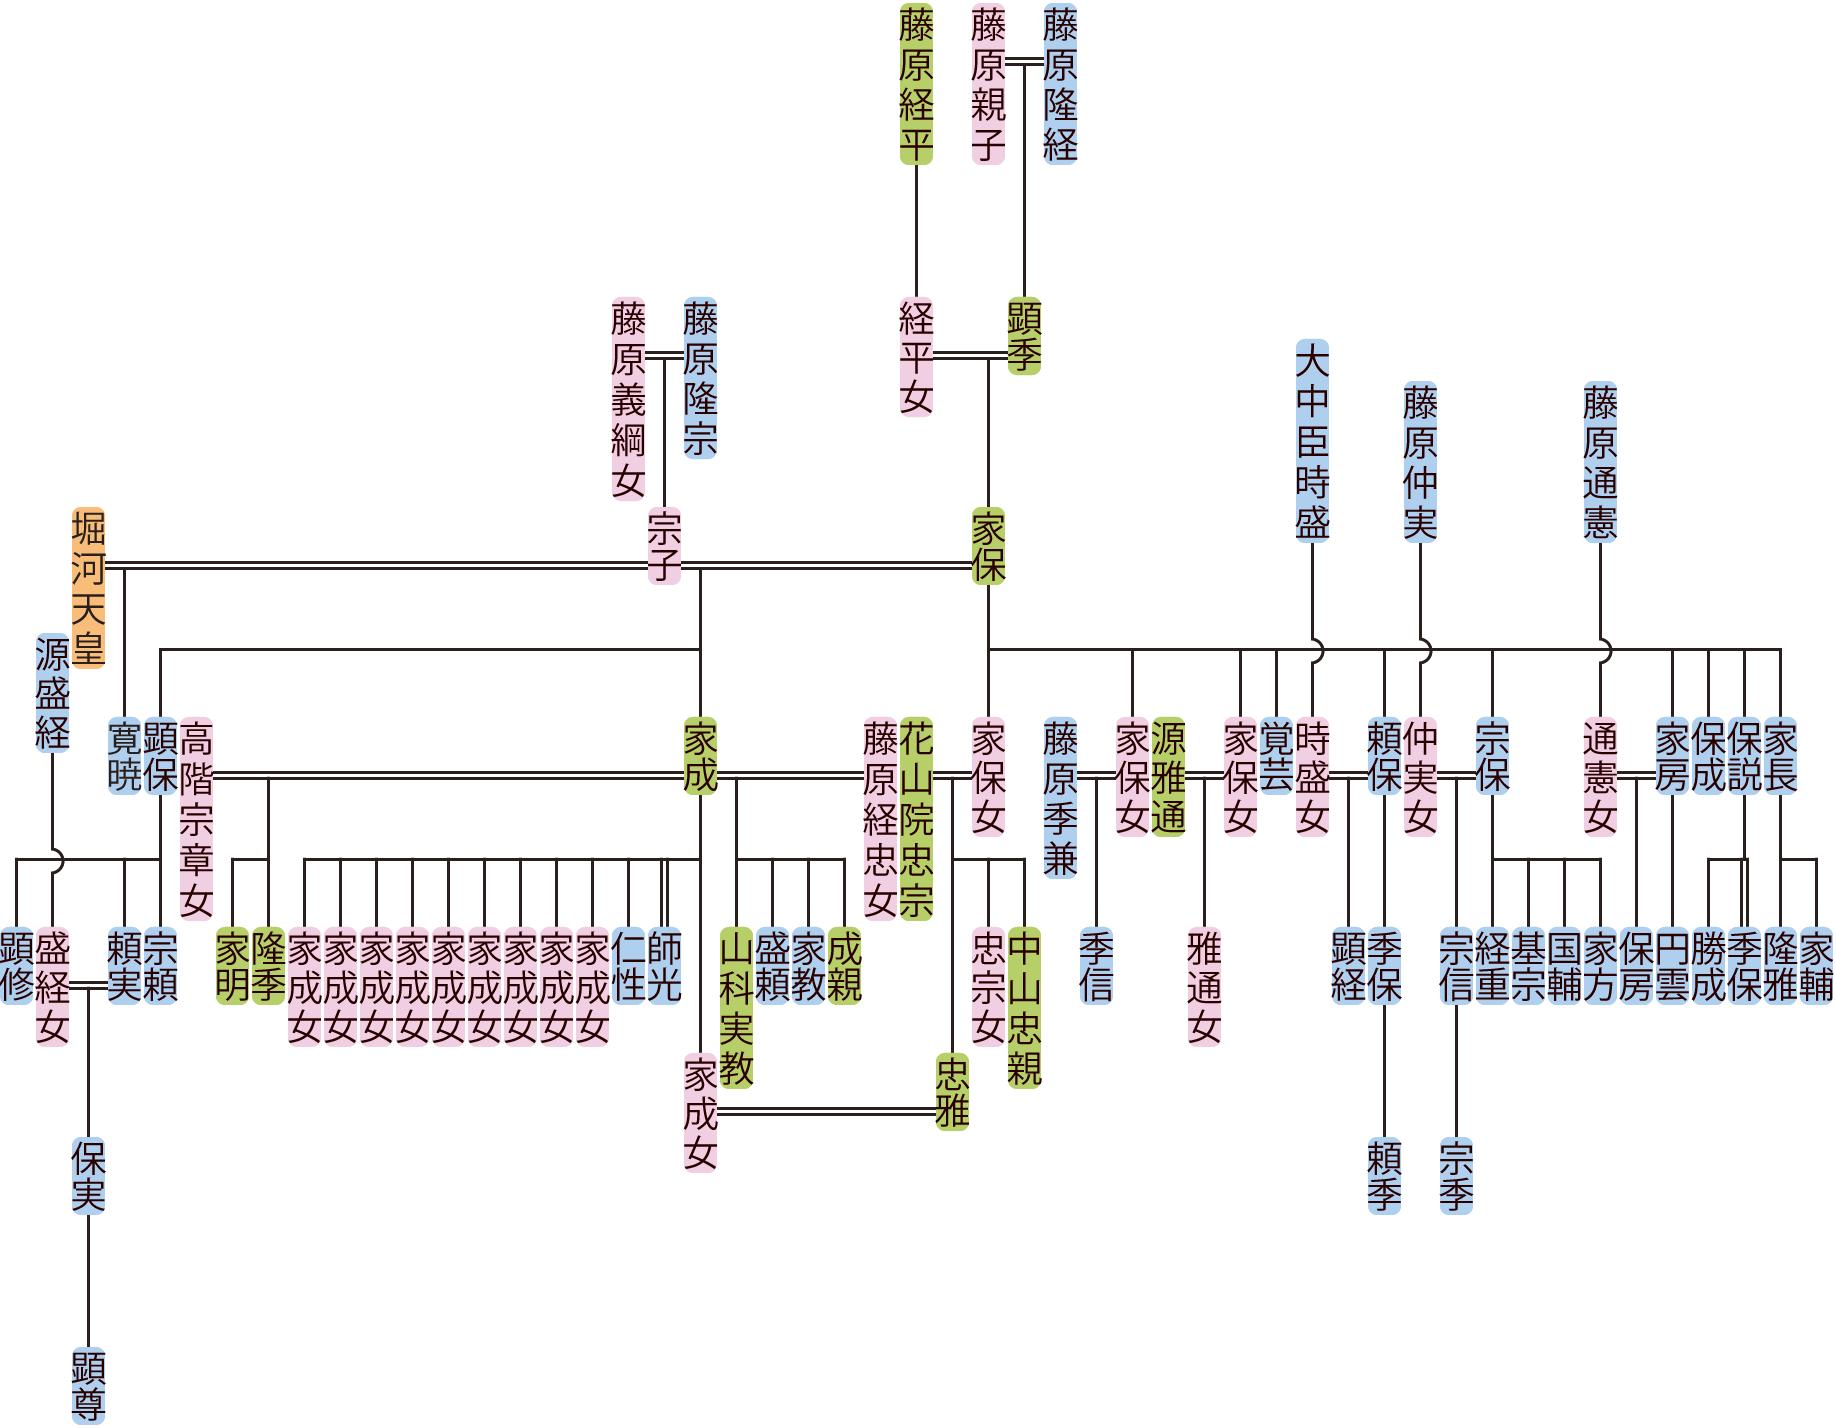 藤原家保の系図